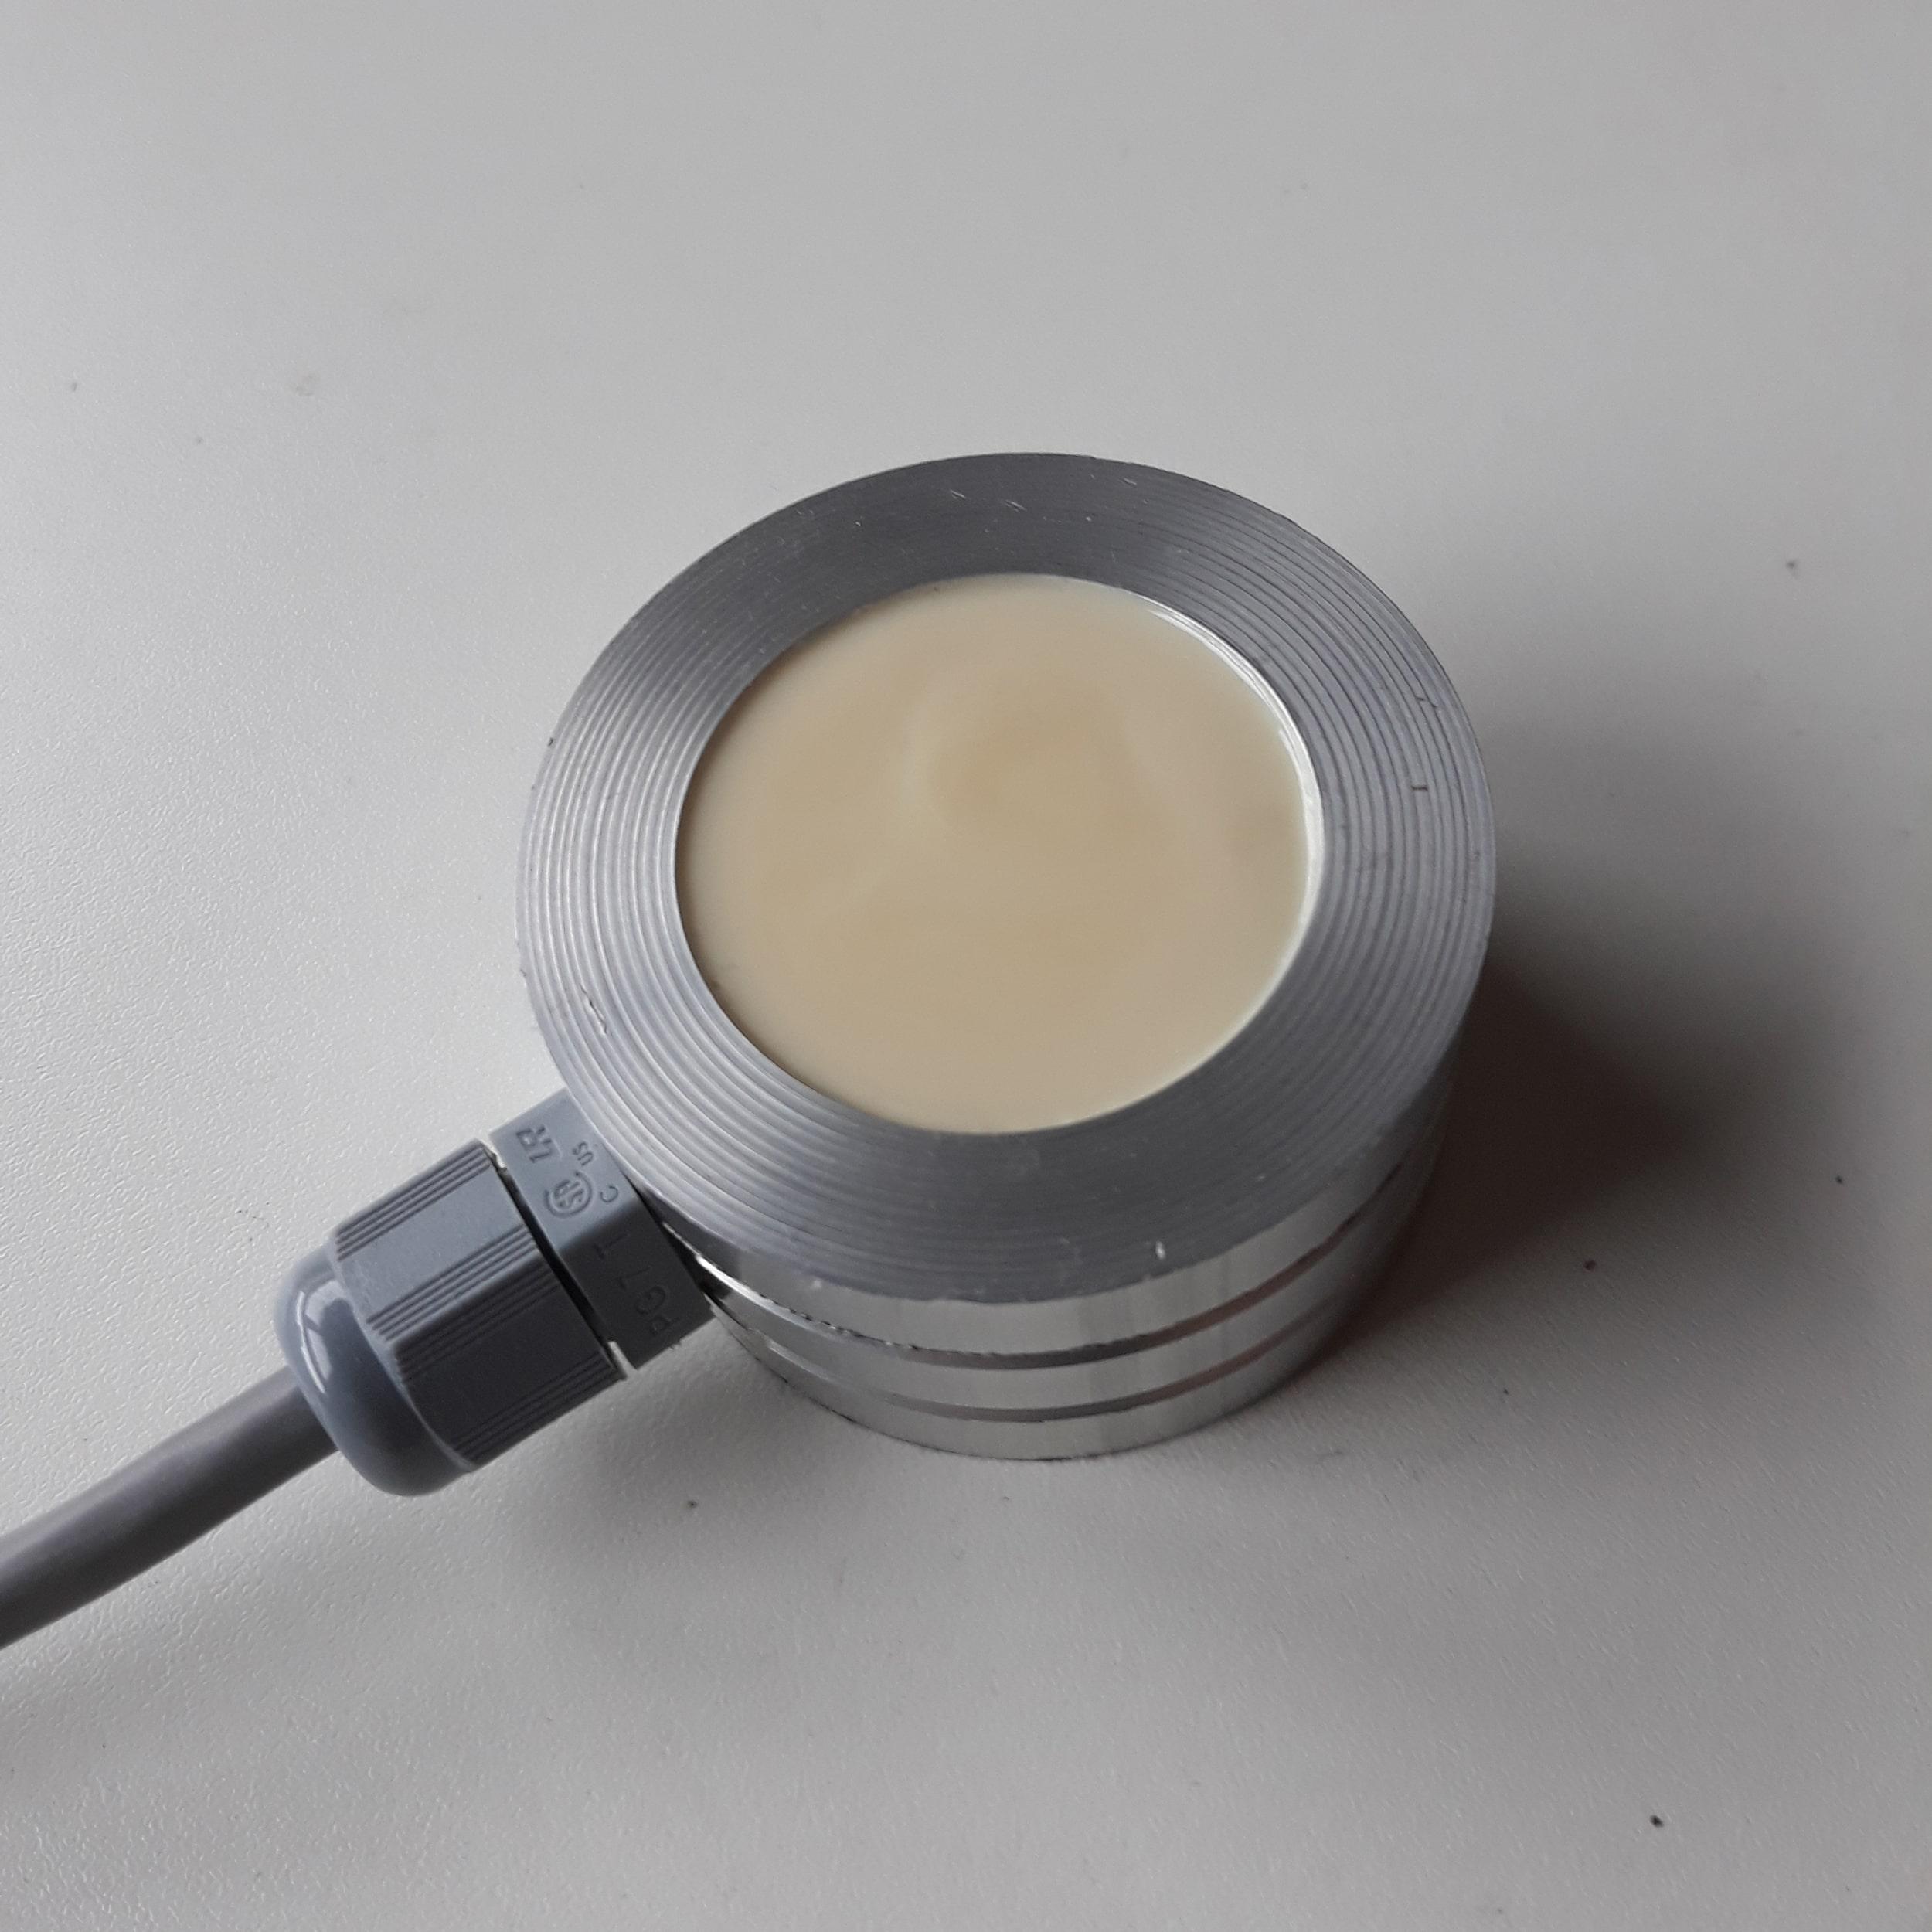 Danema Vial - Ejemplo de encapsulado electrónico